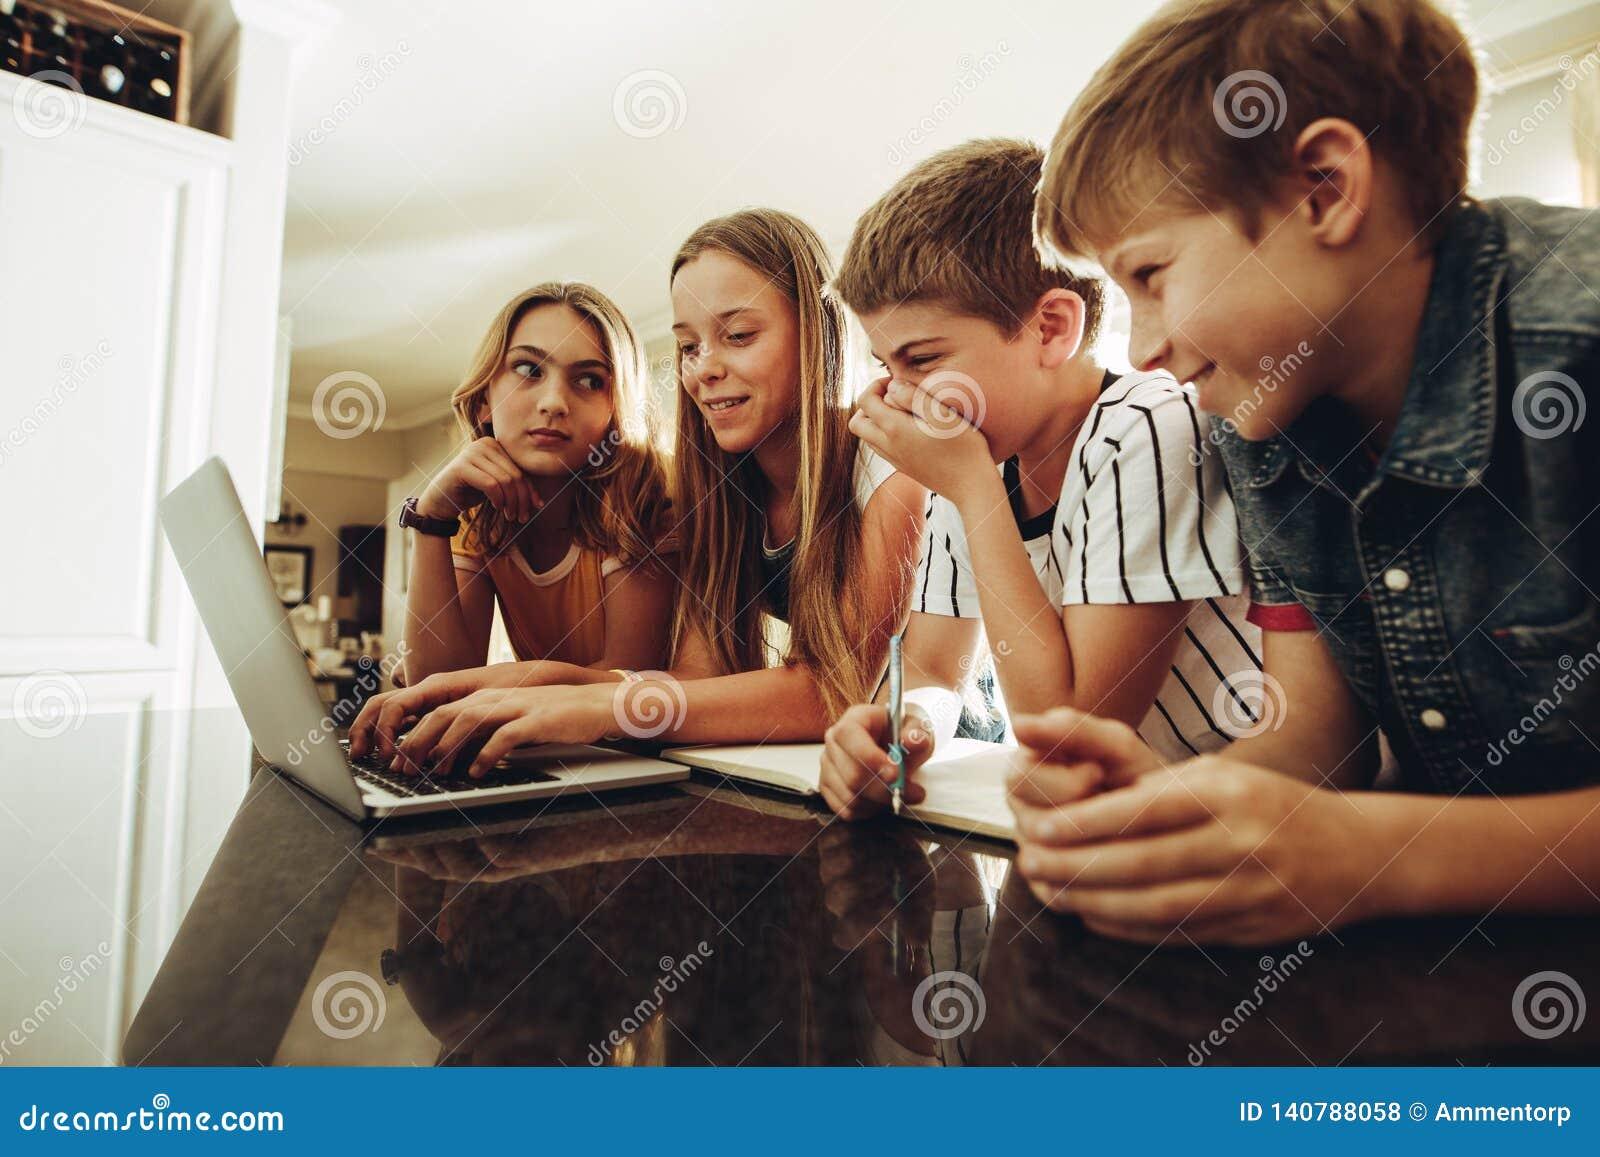 Niños que comparten conocimiento usando tecnología